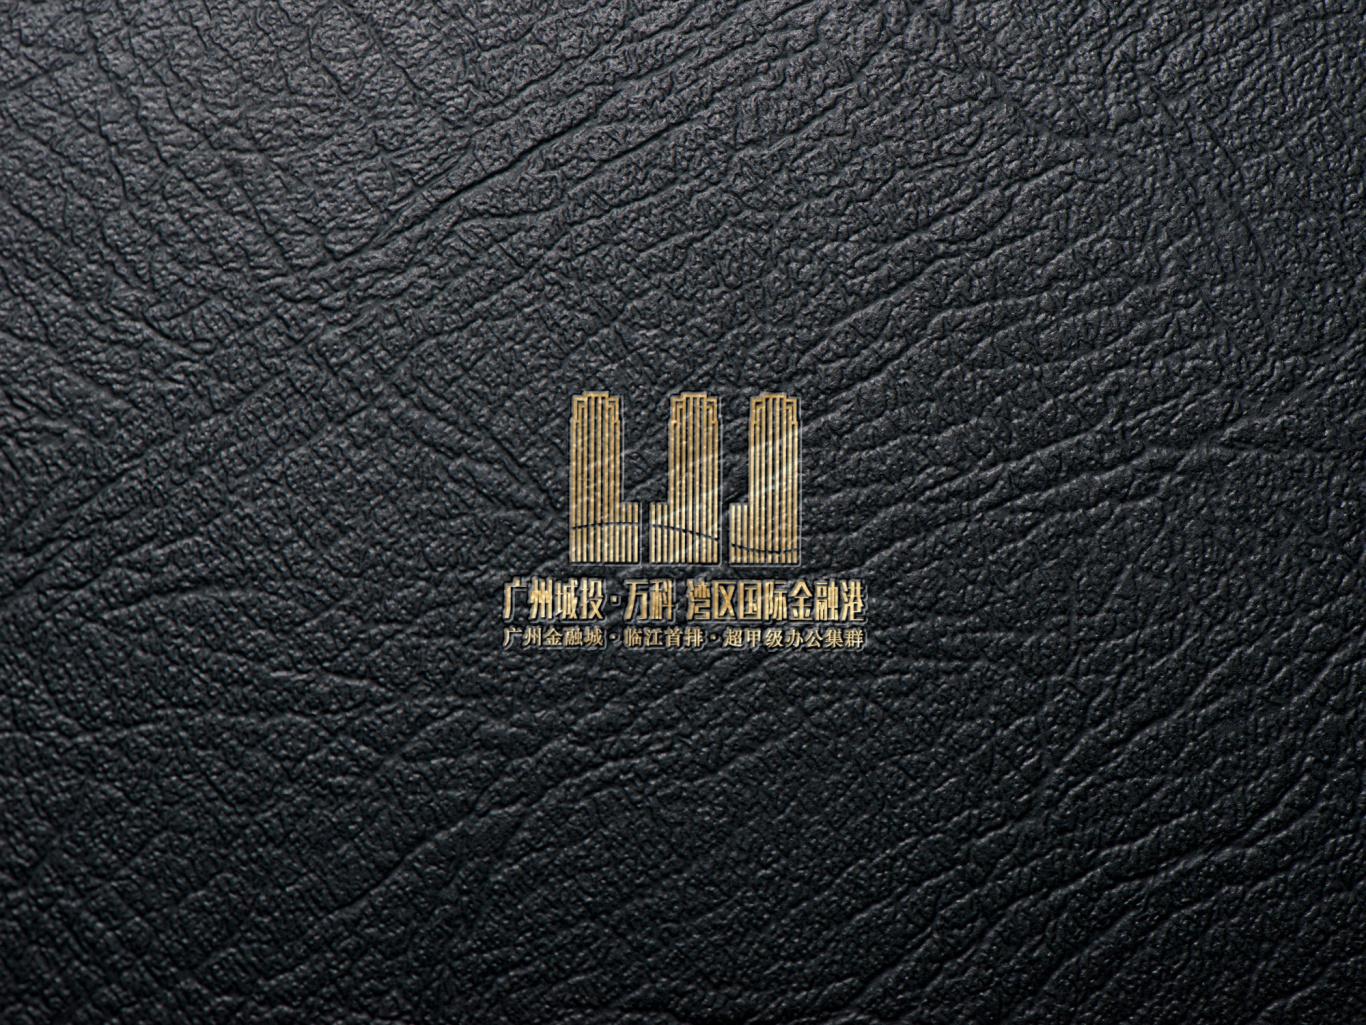 广州城投·万科 湾区国际经融港/品牌包装 VI视觉识别系统设计 地产logo设计图16